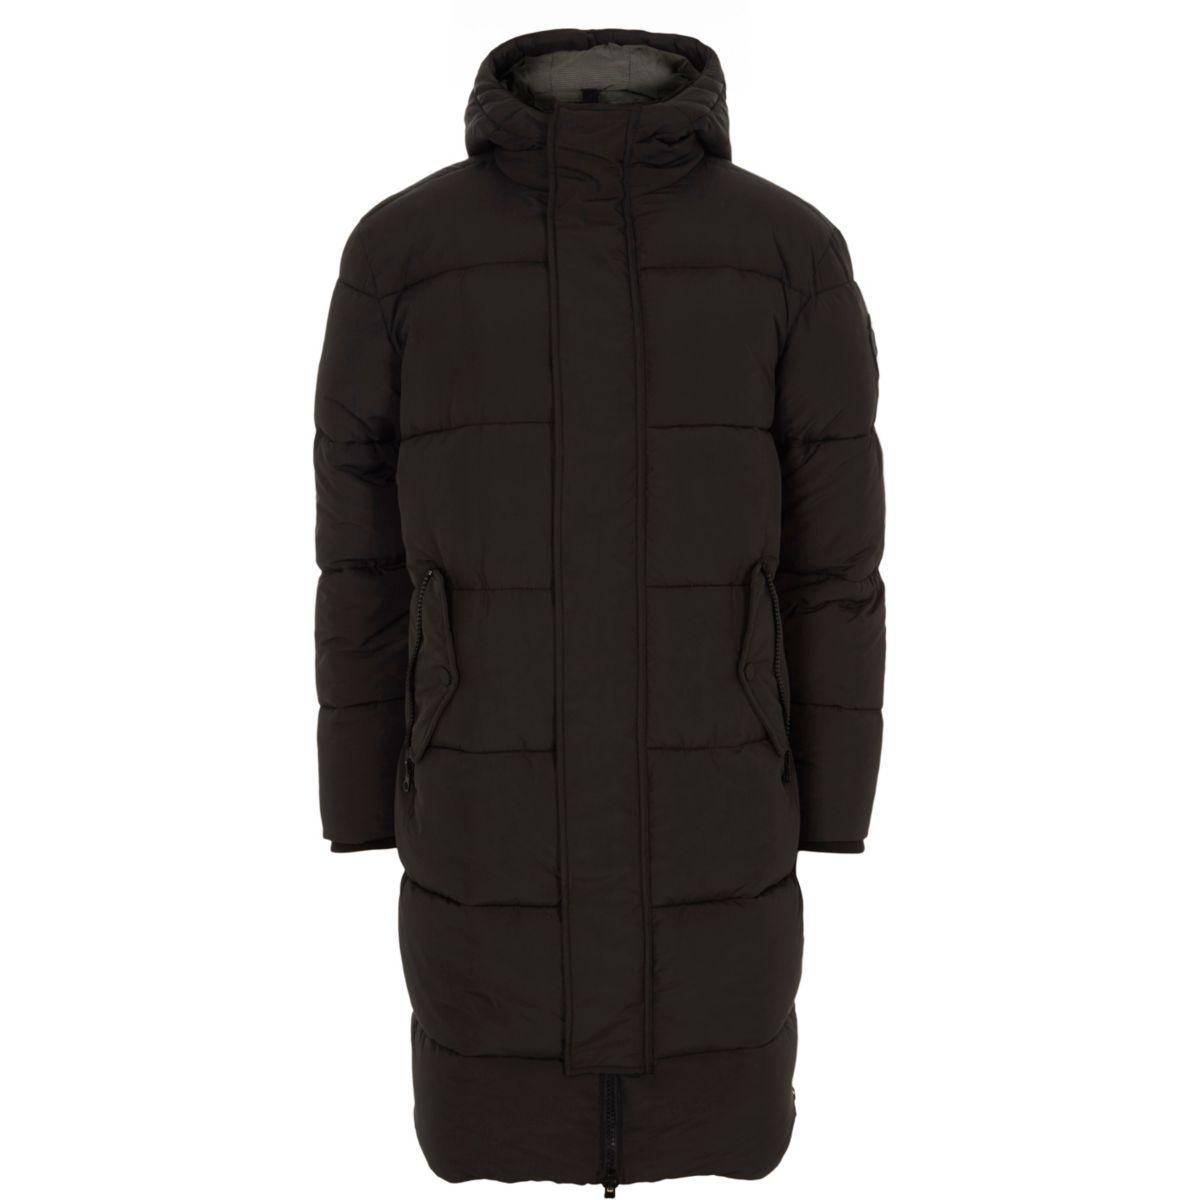 Black oversized hooded puffer parka coat